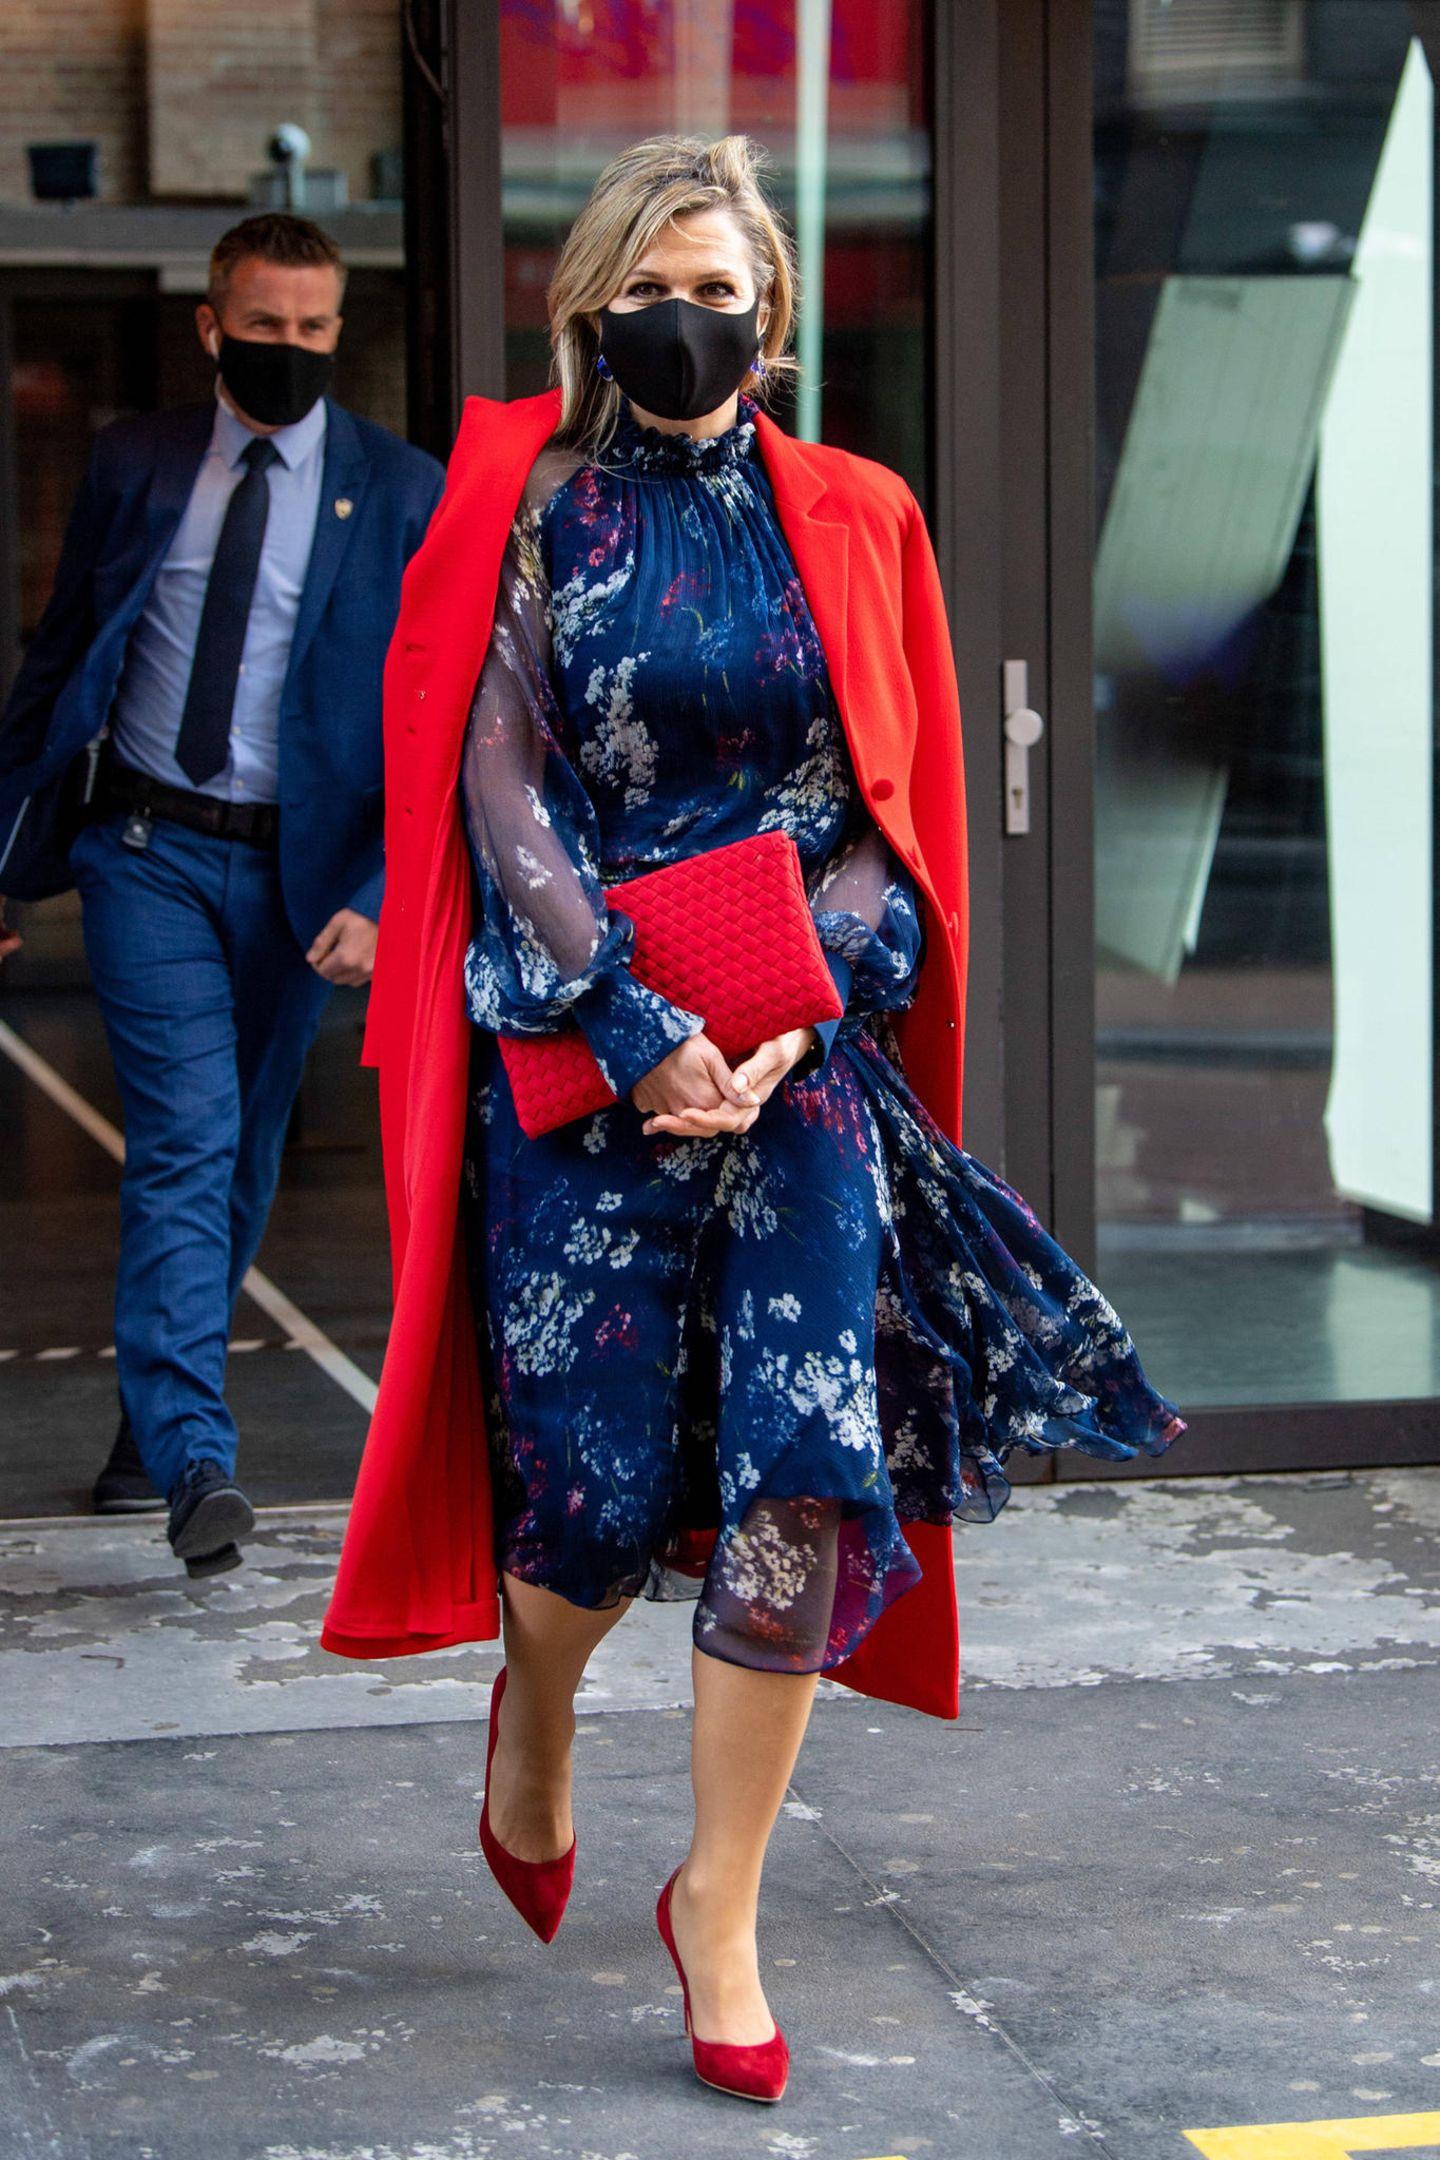 Königin Máximabeweist, dass man mit der richtigen Kombination einen komplett neuen Look aus bereits getragenen Pieces kreieren kann. Bei ihrem Besuch des Internationaal Theaters in Amsterdam setzt die Königin der Niederlande nämlich nur auf alte Bekannte aus ihrem Kleiderschrank. So kombiniert sie ihren Mantel von Natancouture– anders als vor ein paar Wochen – mit einem floralen Kleid der gleichen Marke. Auch die knalligen Gianvito Rossi-Pumps trägt sie nicht zum ersten Mal.